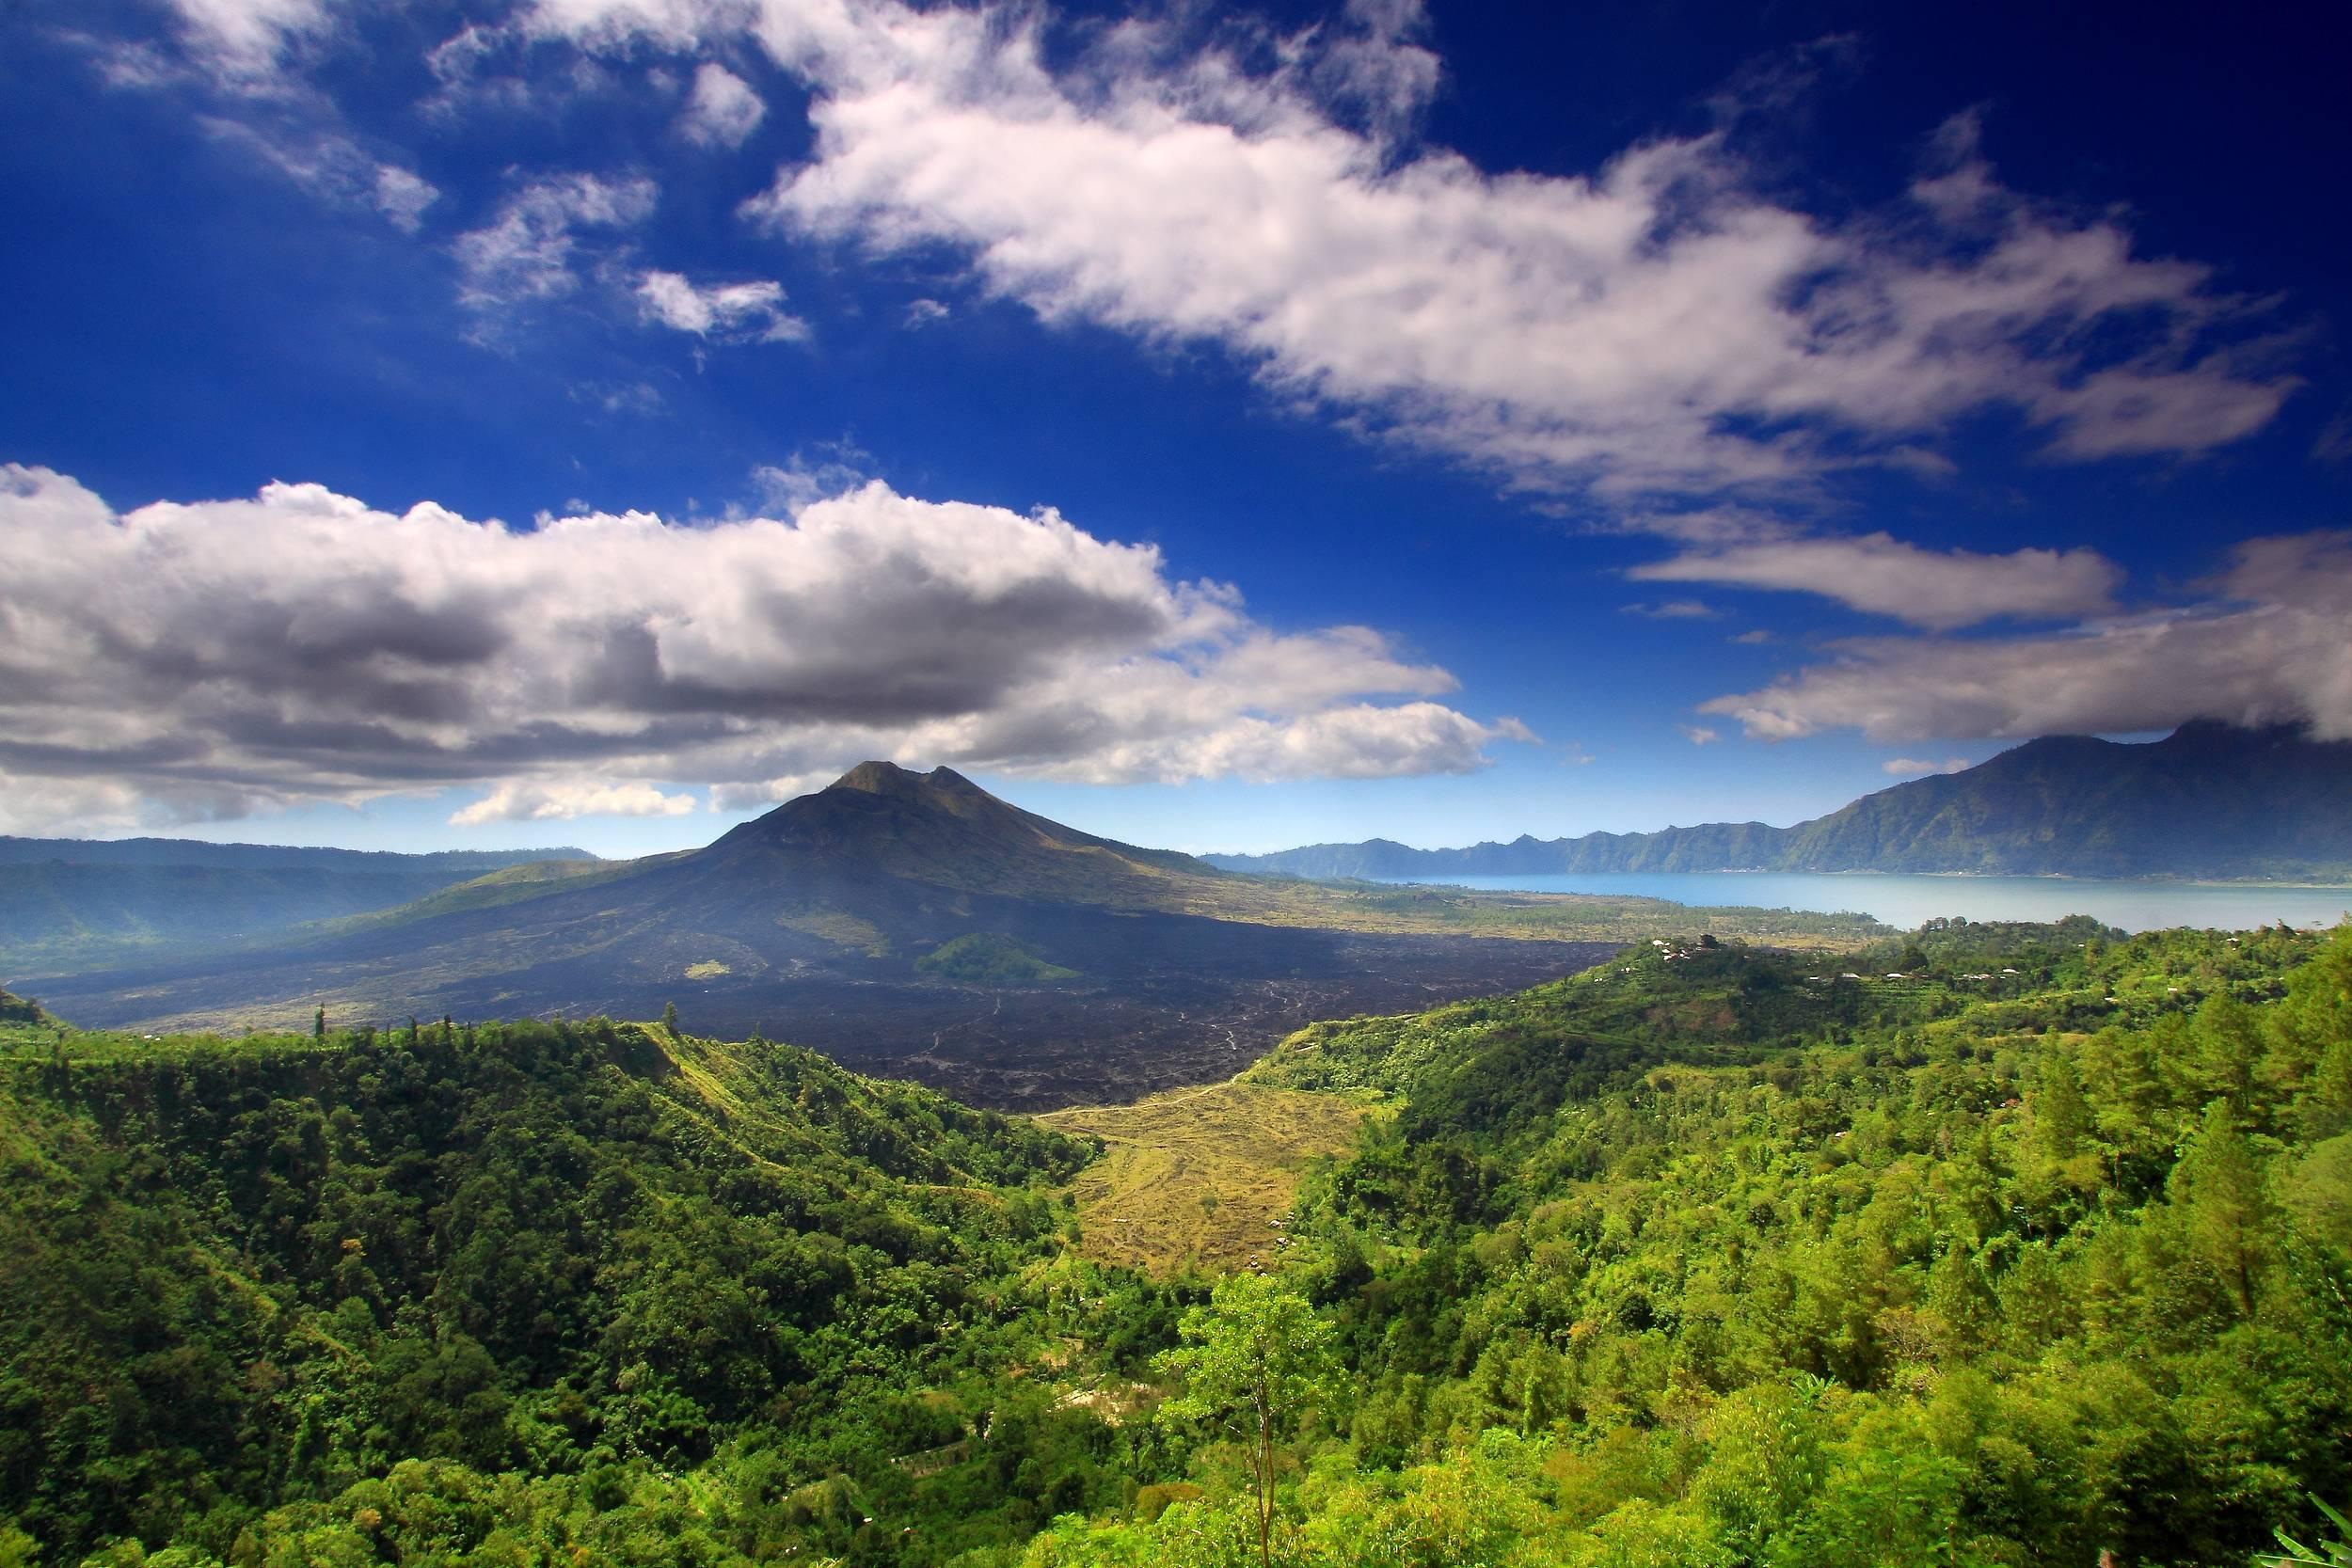 巴厘岛阿贡火山或将爆发 既有人不愿离开